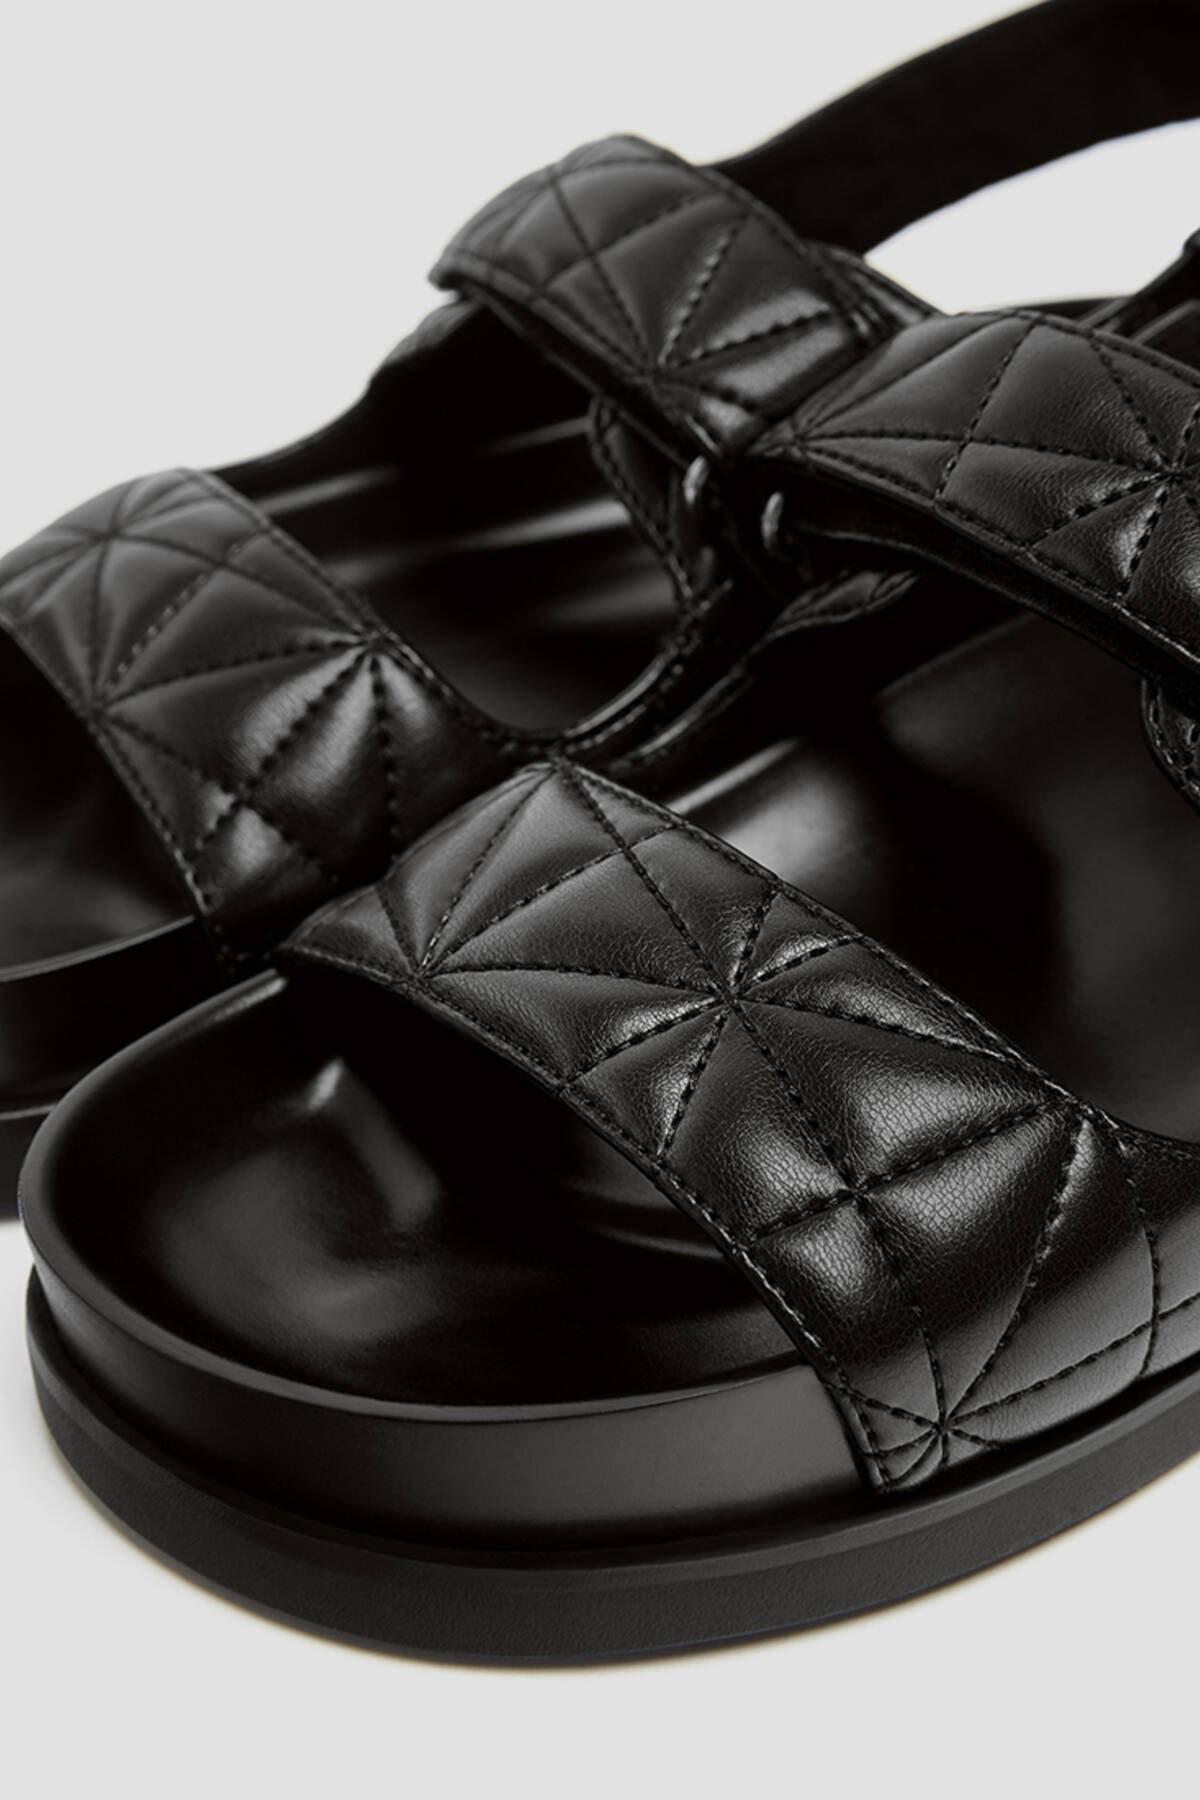 Pull & Bear Kadın Siyah Kapitone Bantlı Düz Sandalet 11418740 2